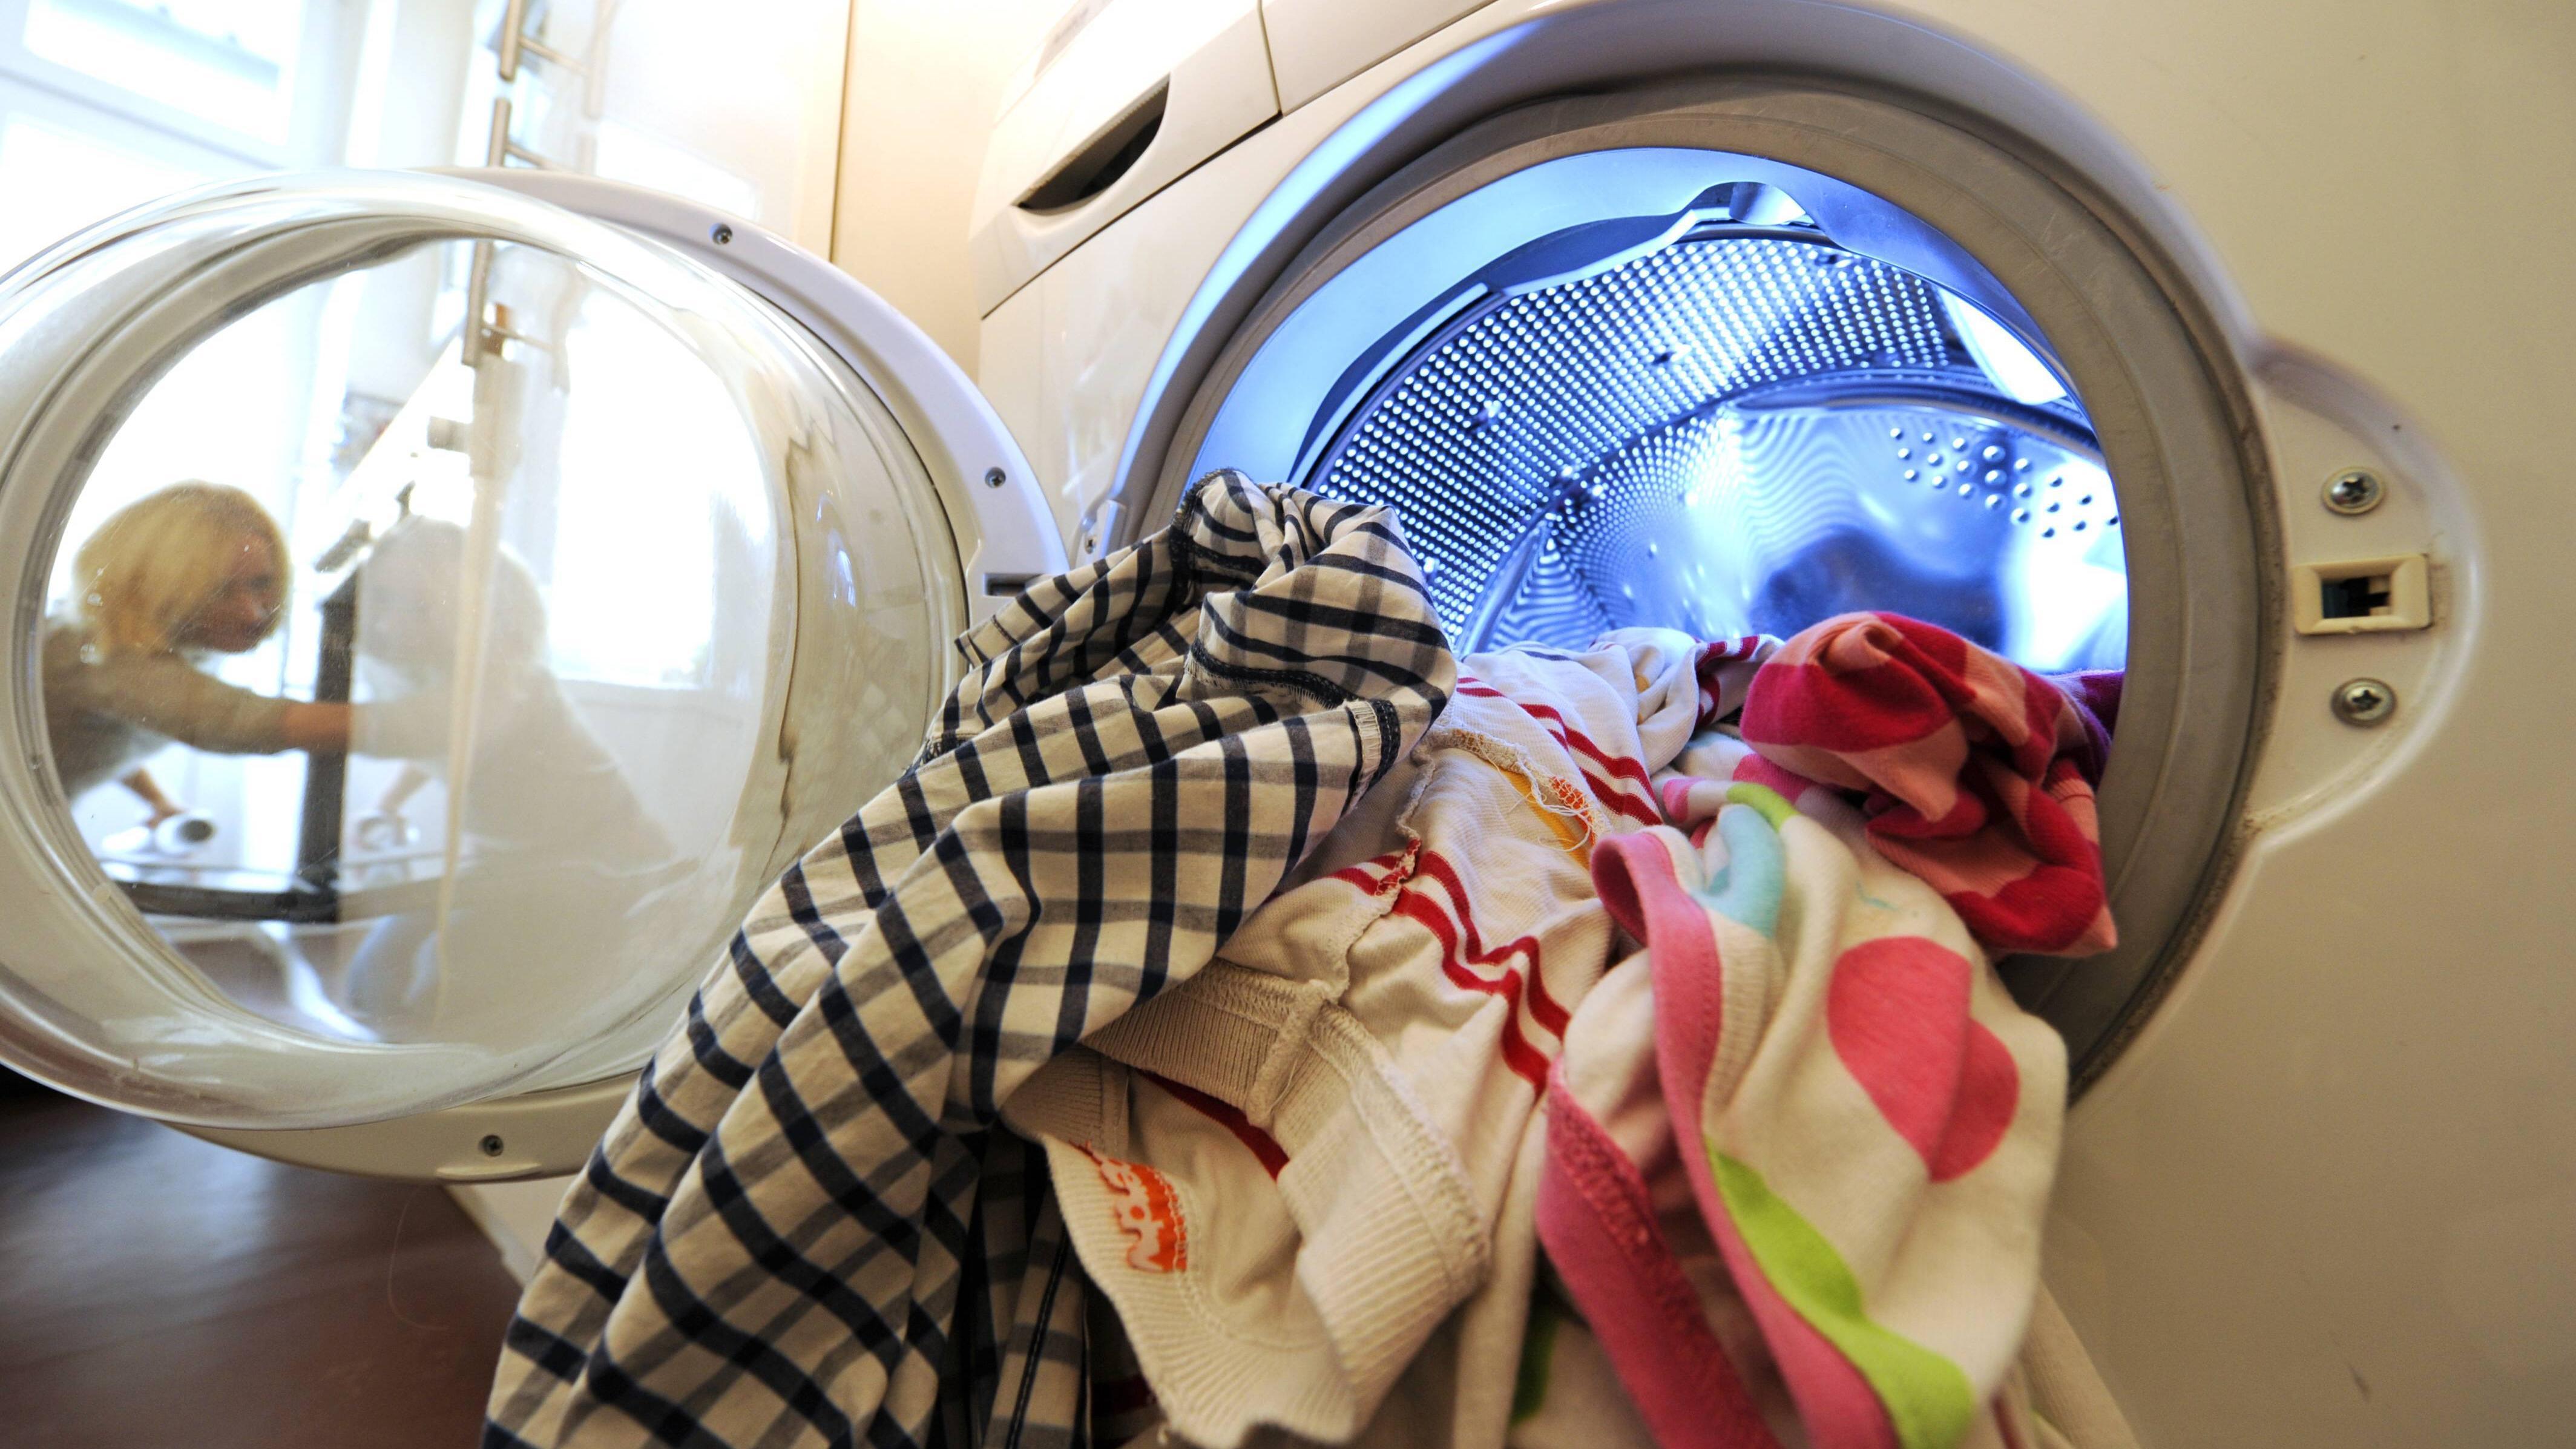 Wäschetrocknen in der Wohnung: Das sollten sie wissen